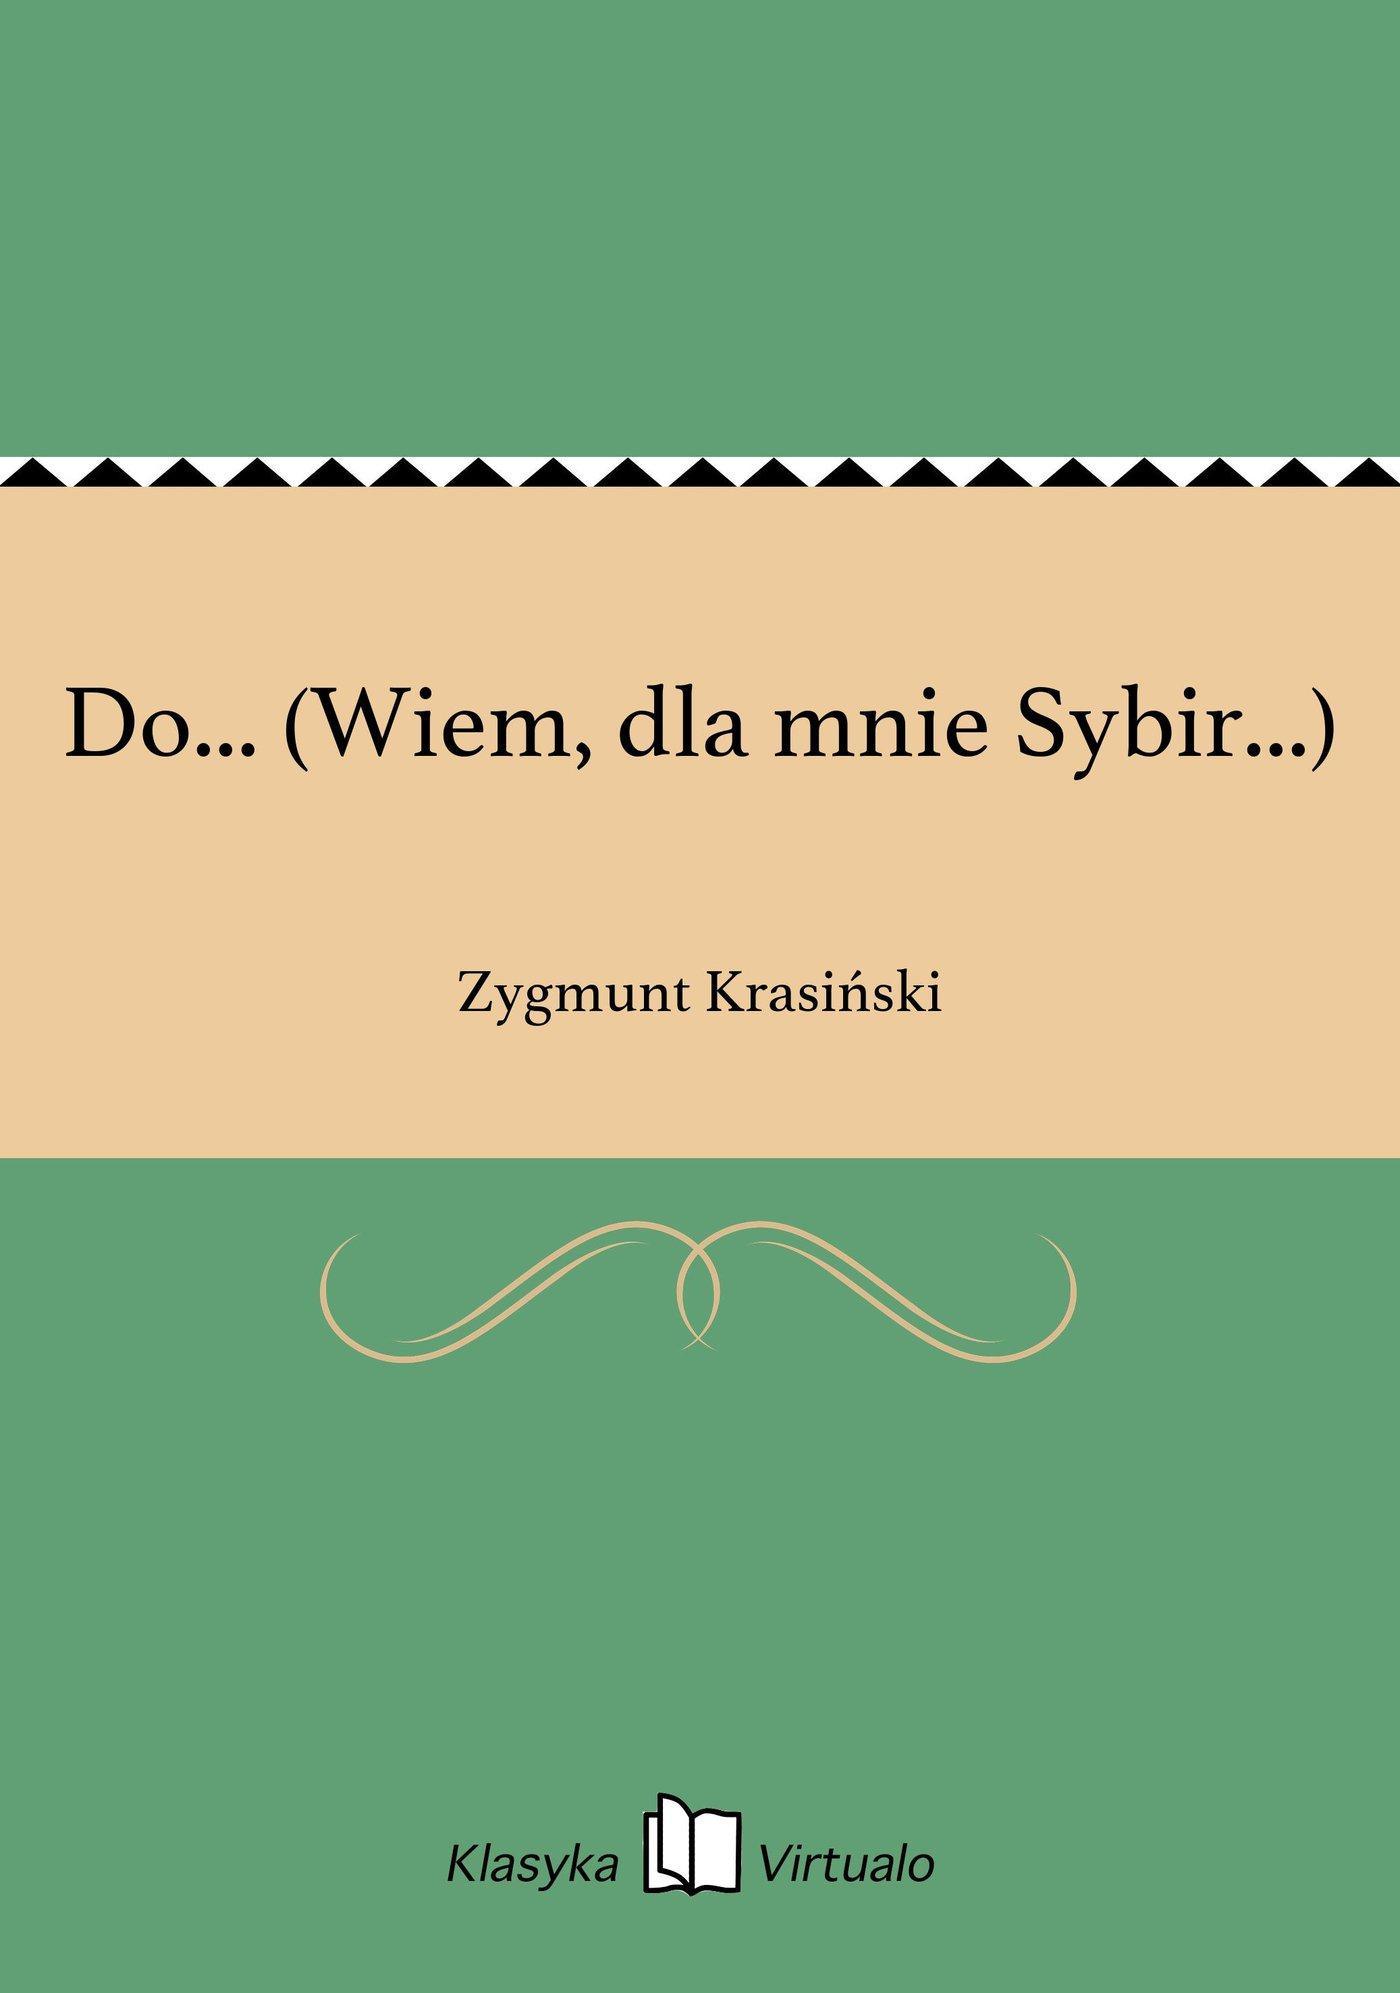 Do... (Wiem, dla mnie Sybir...) - Ebook (Książka EPUB) do pobrania w formacie EPUB